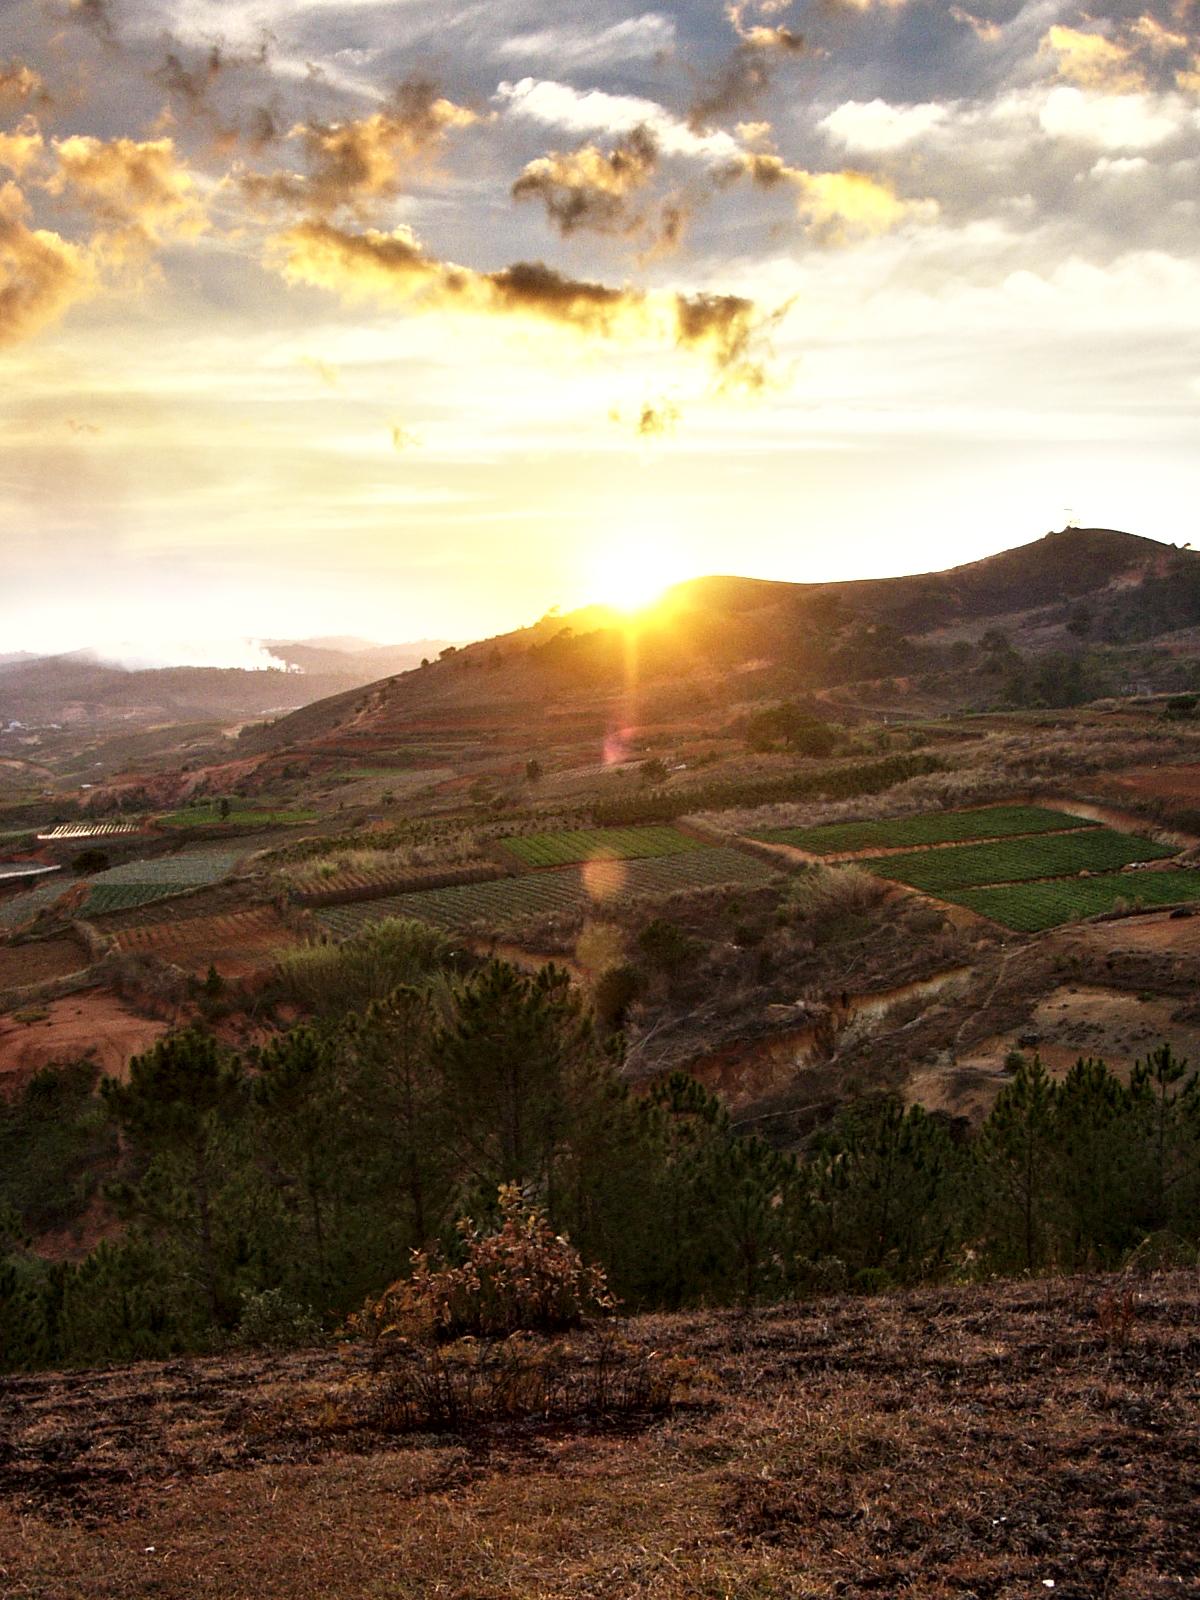 Sunset in Dalat